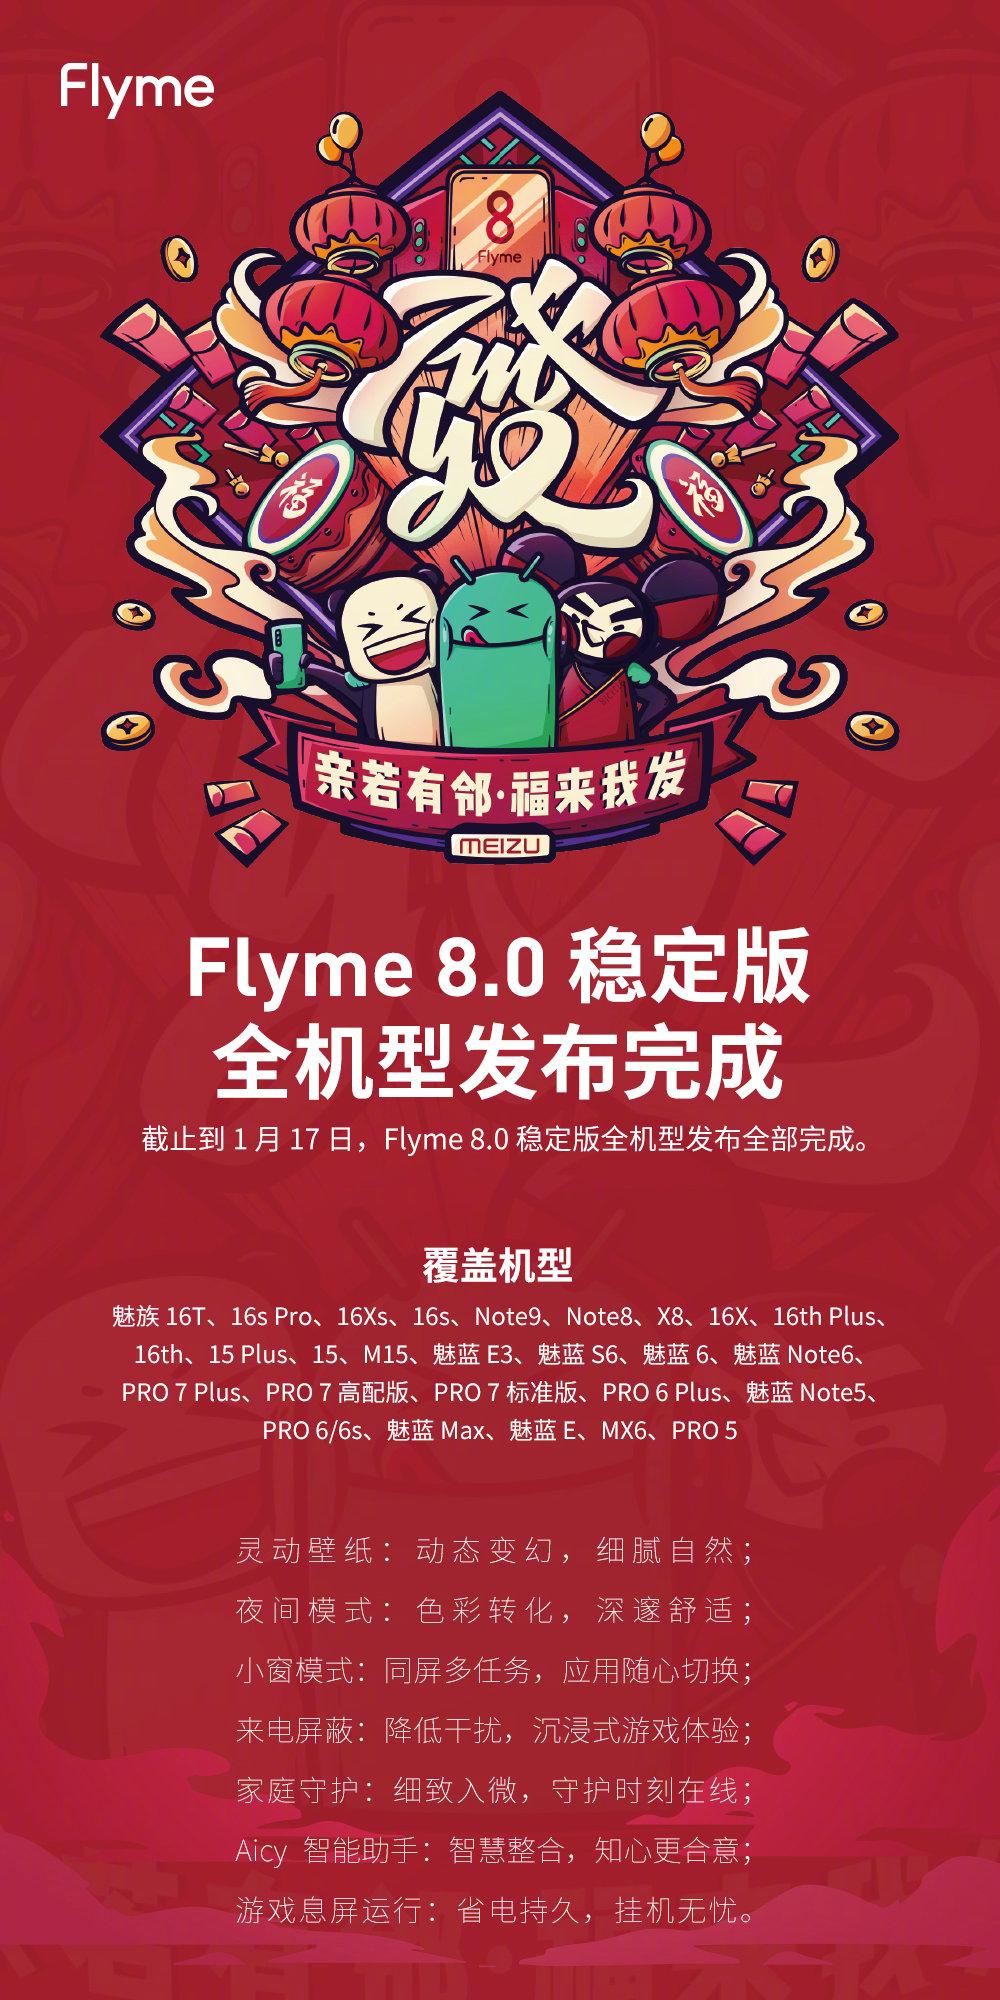 魅族Flyme 80发布涵盖28款车型